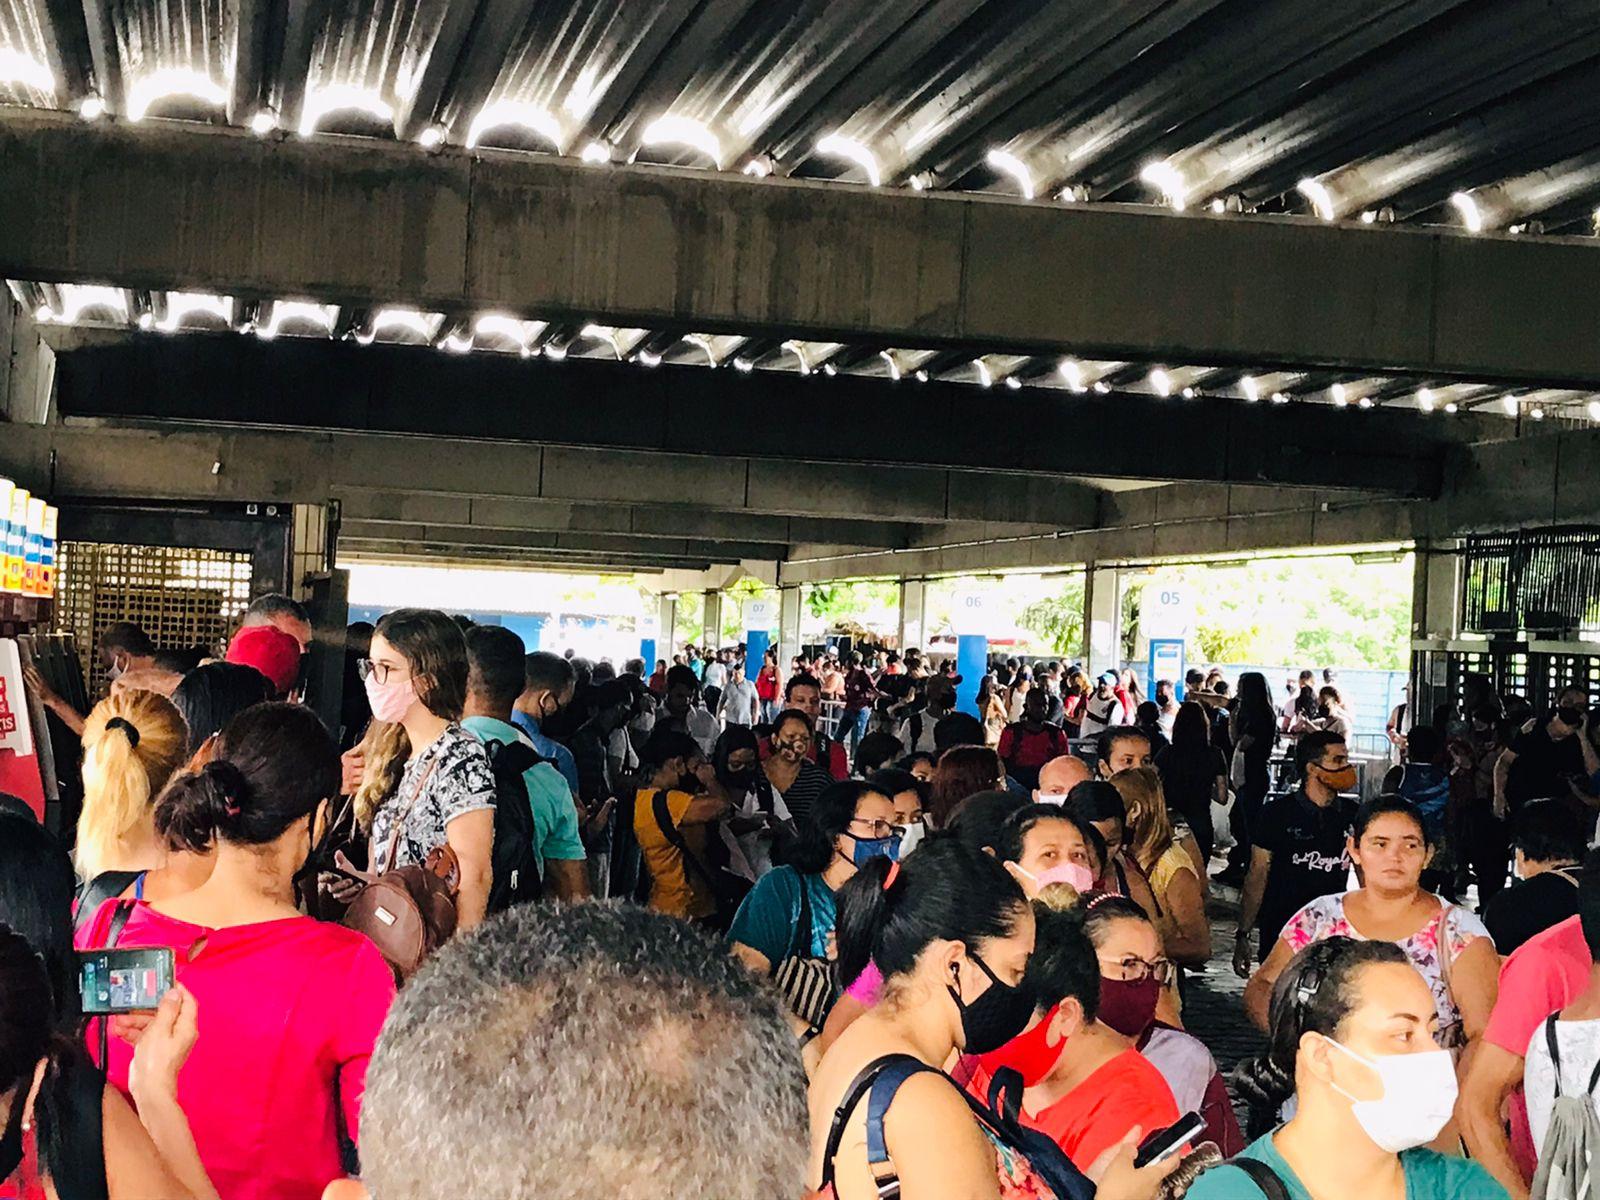 Segundo CBTU, ficaram sem funcionar as estações Jaboatão, Engenho Velho, Floriano e Cavaleiro. O Grande Recife colocou uma linha especial para minimizar transtornos.  (Divulgação)